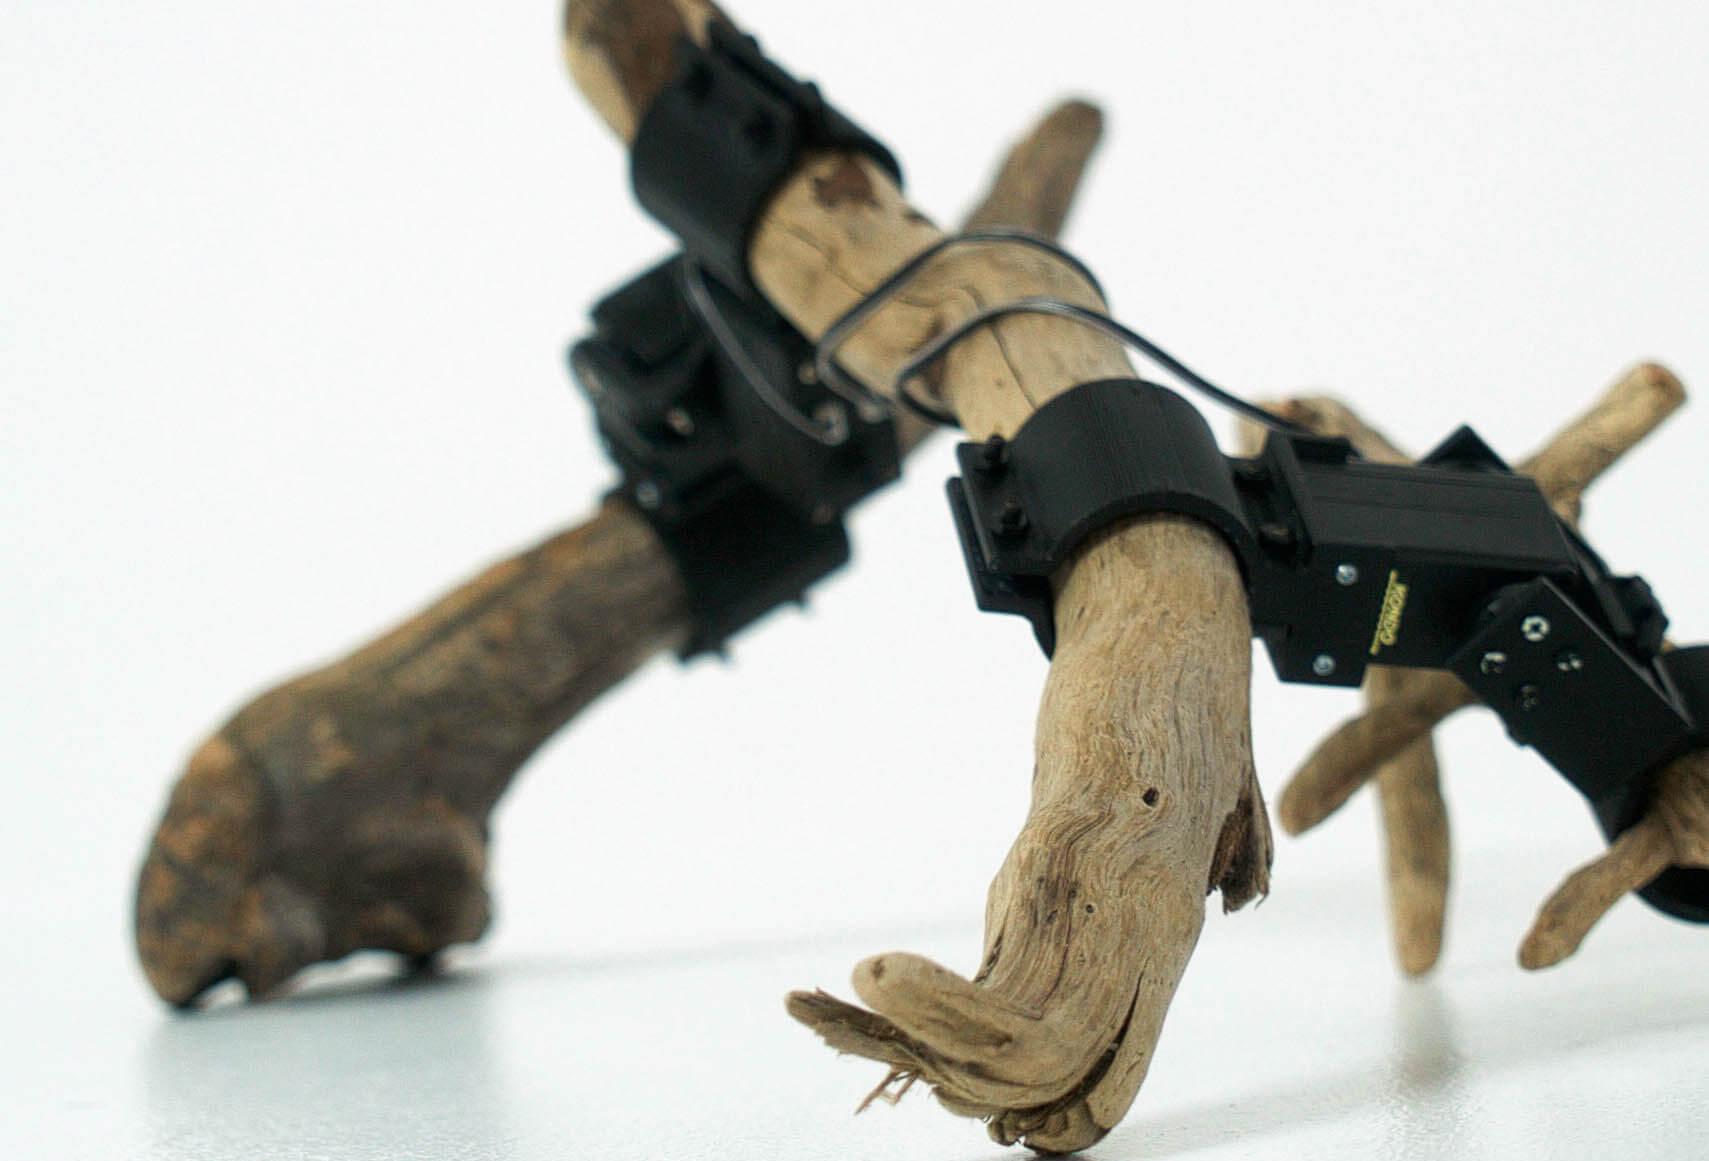 «Из нейросетей и палок»: как необычного робота научили ходить роботы,технологии